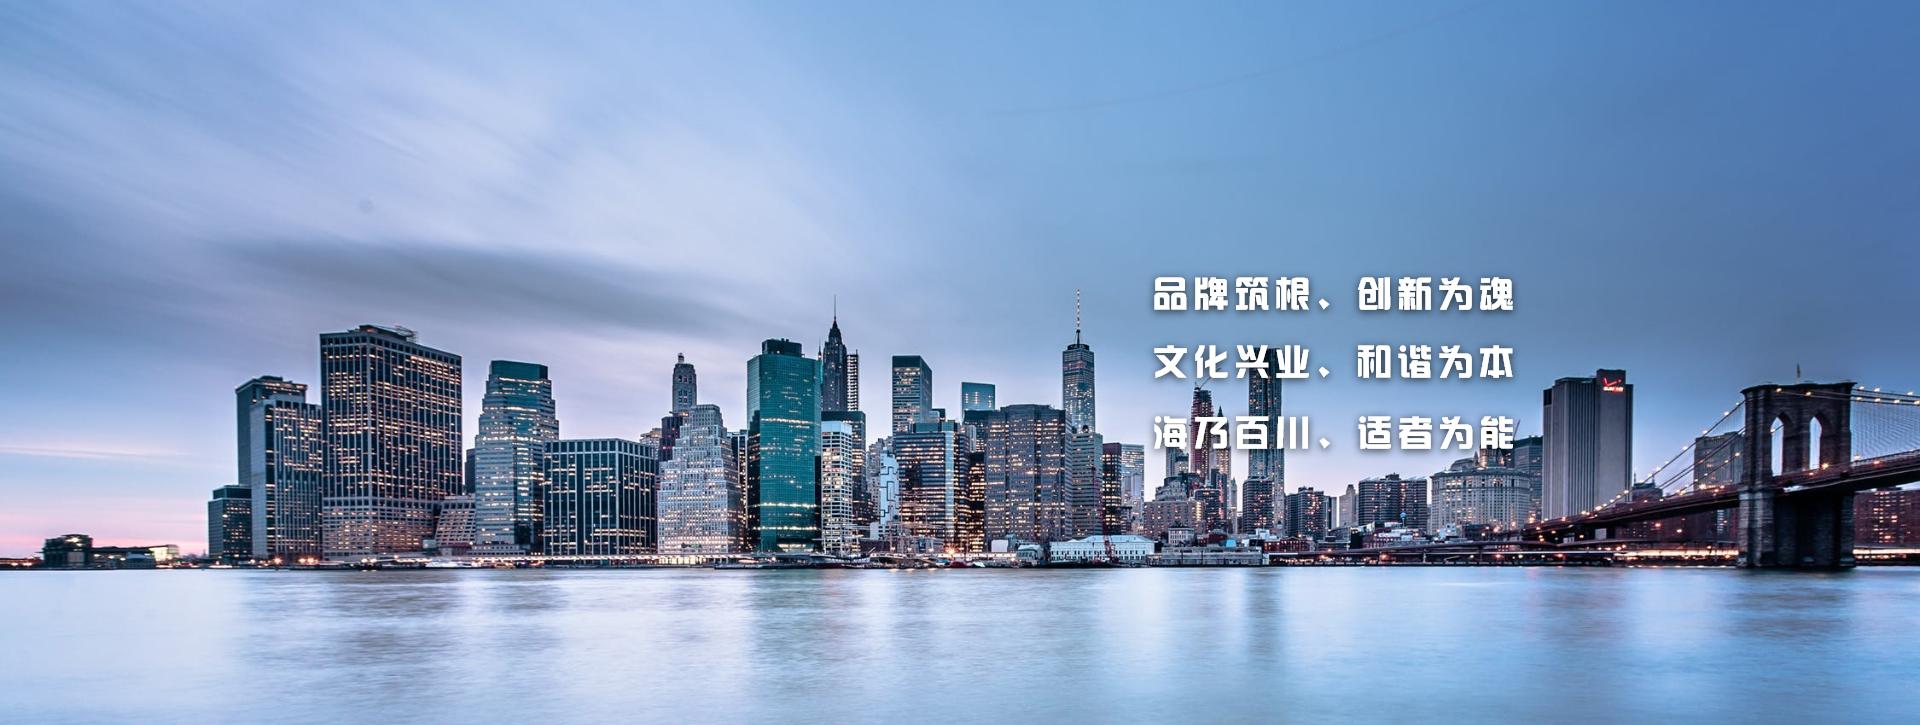 """慶公司成立二十五周年暨第三屆 """"慶五一·迎五四"""" 健步走活動 圓滿結束。"""